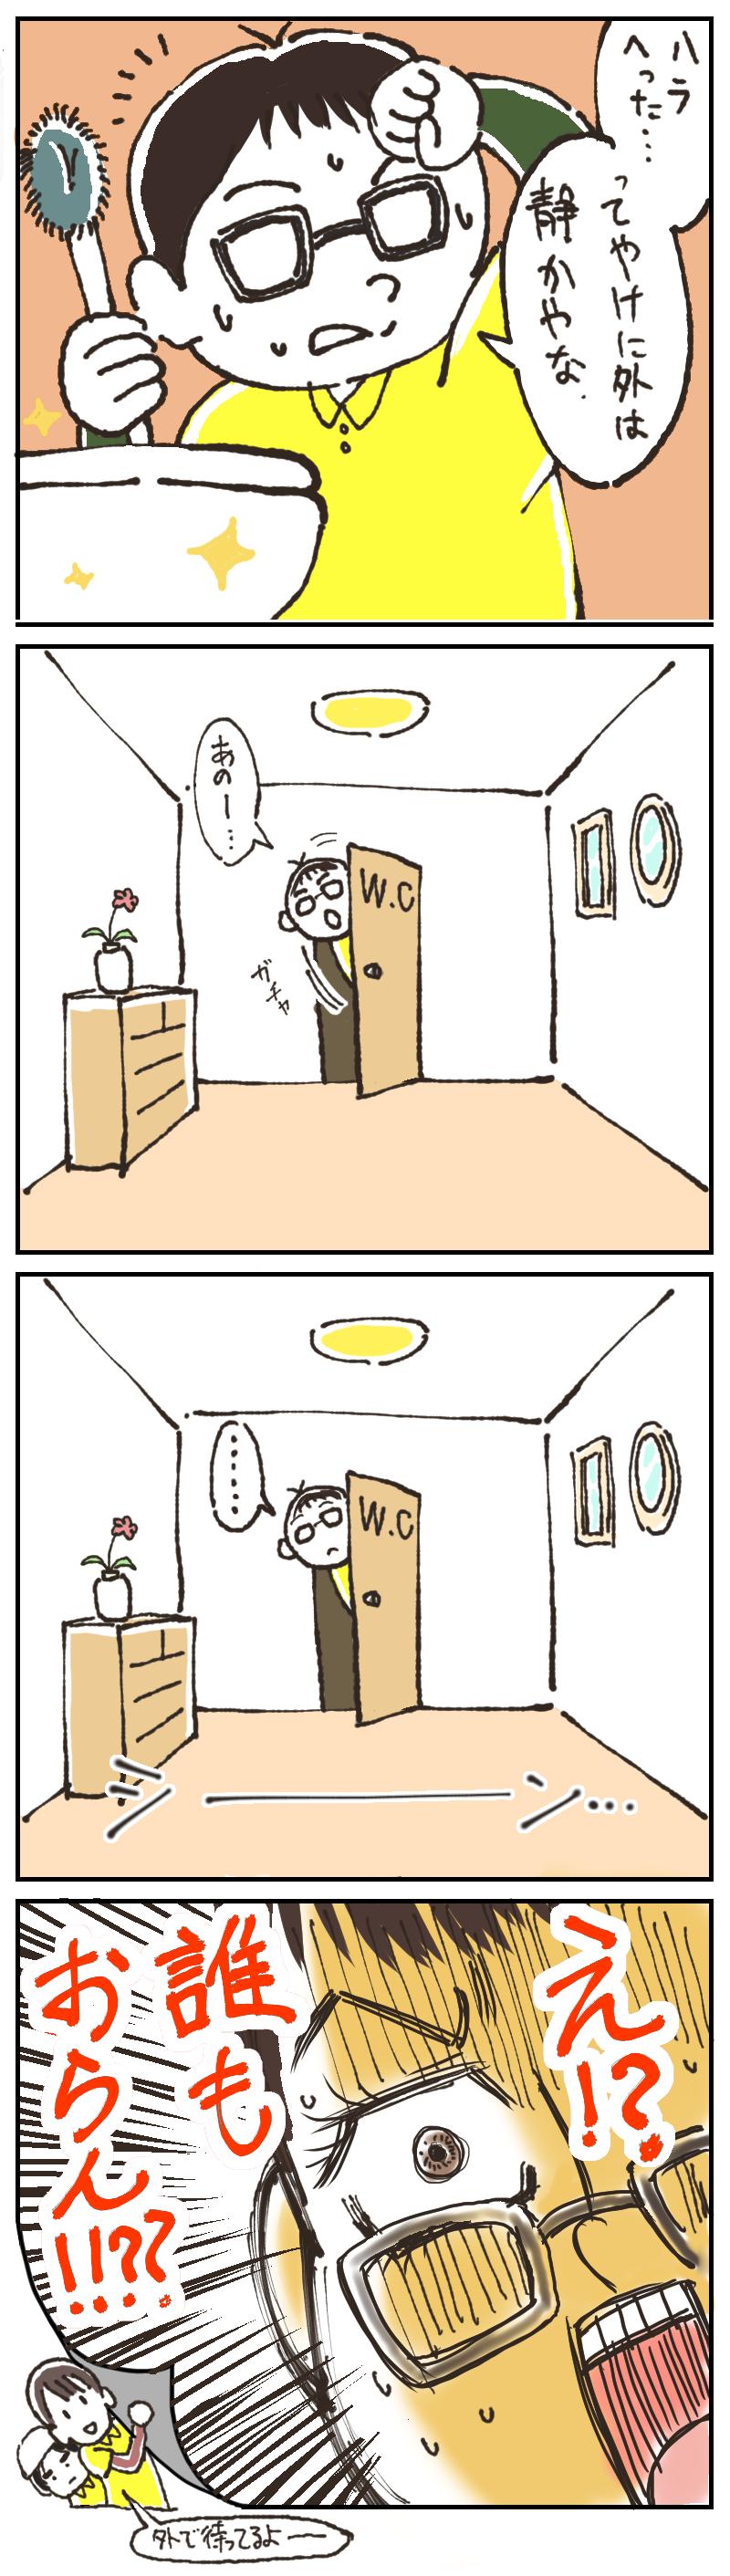 クッシーが置いてけぼりにされた漫画